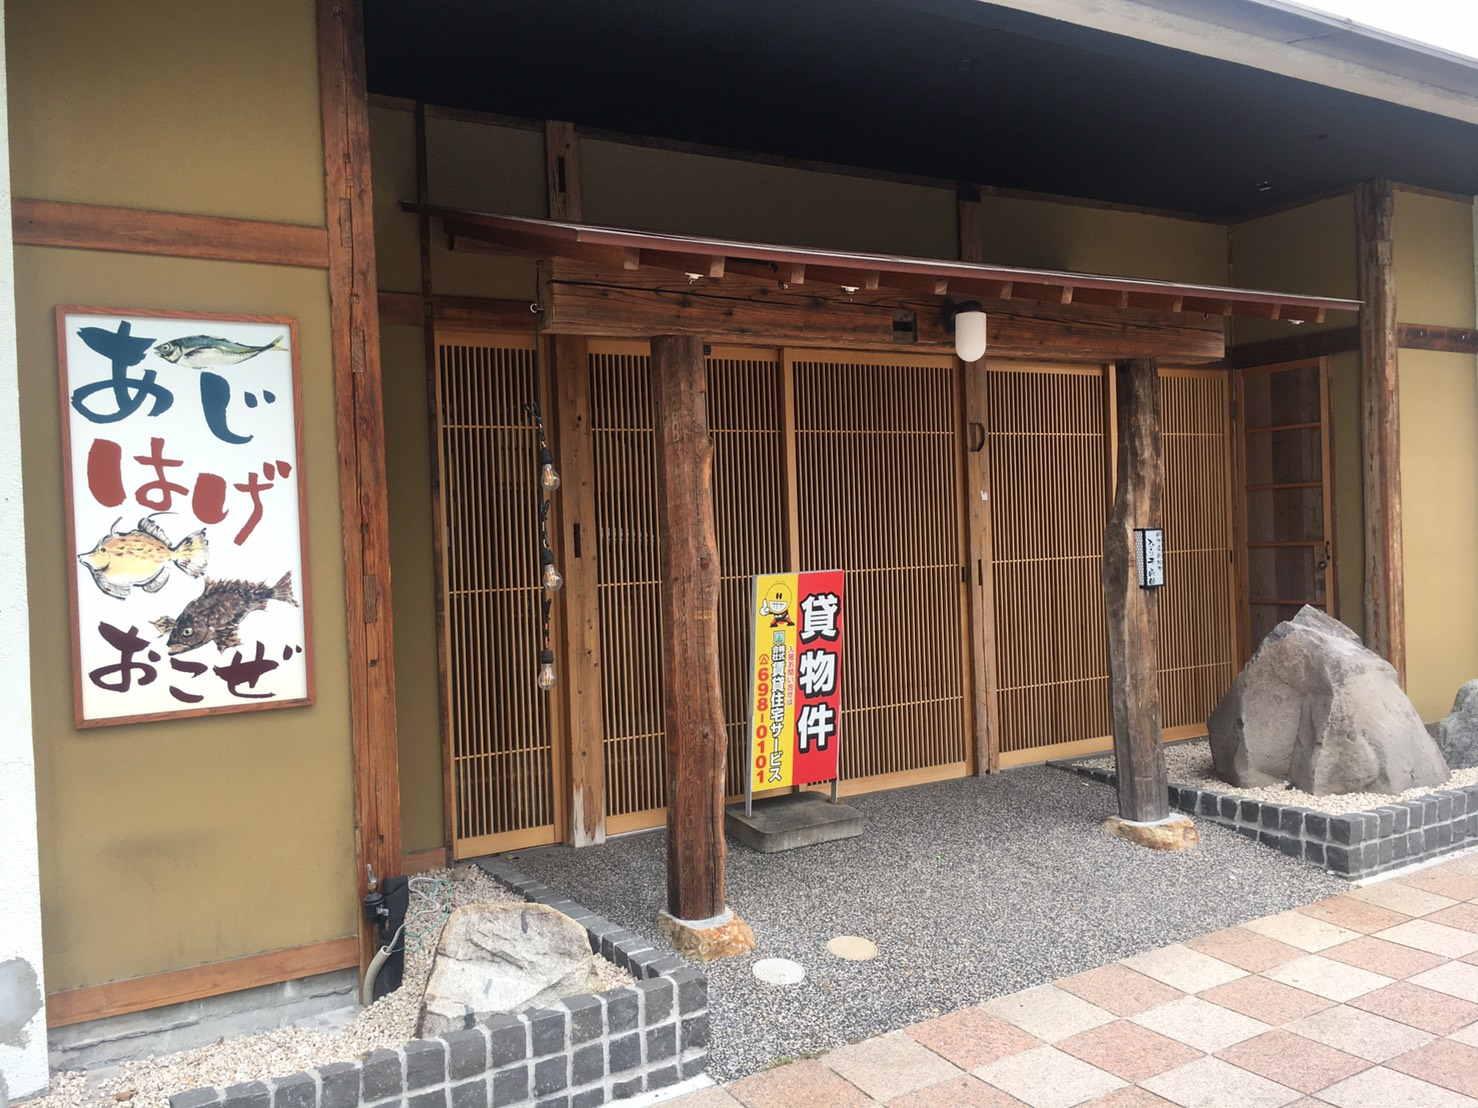 【閉店】阿波海鮮料理ひら井 両国店